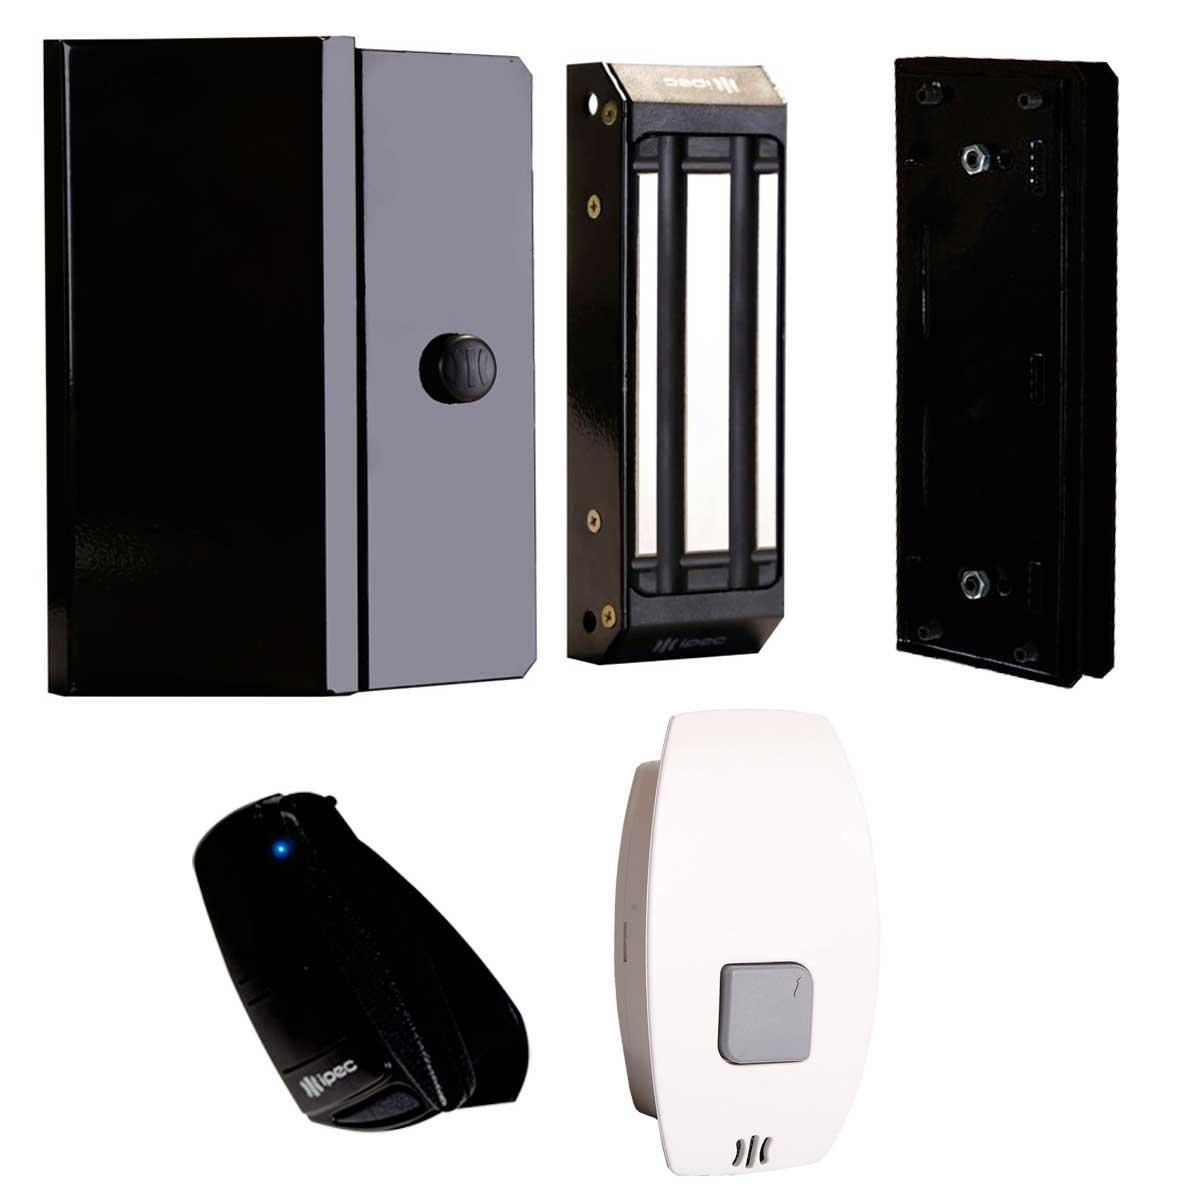 Kit Fechadura Trava Magnética M150 com Suporte U, Botoeira Eletrônica 1A e Controle Remoto Tx Top